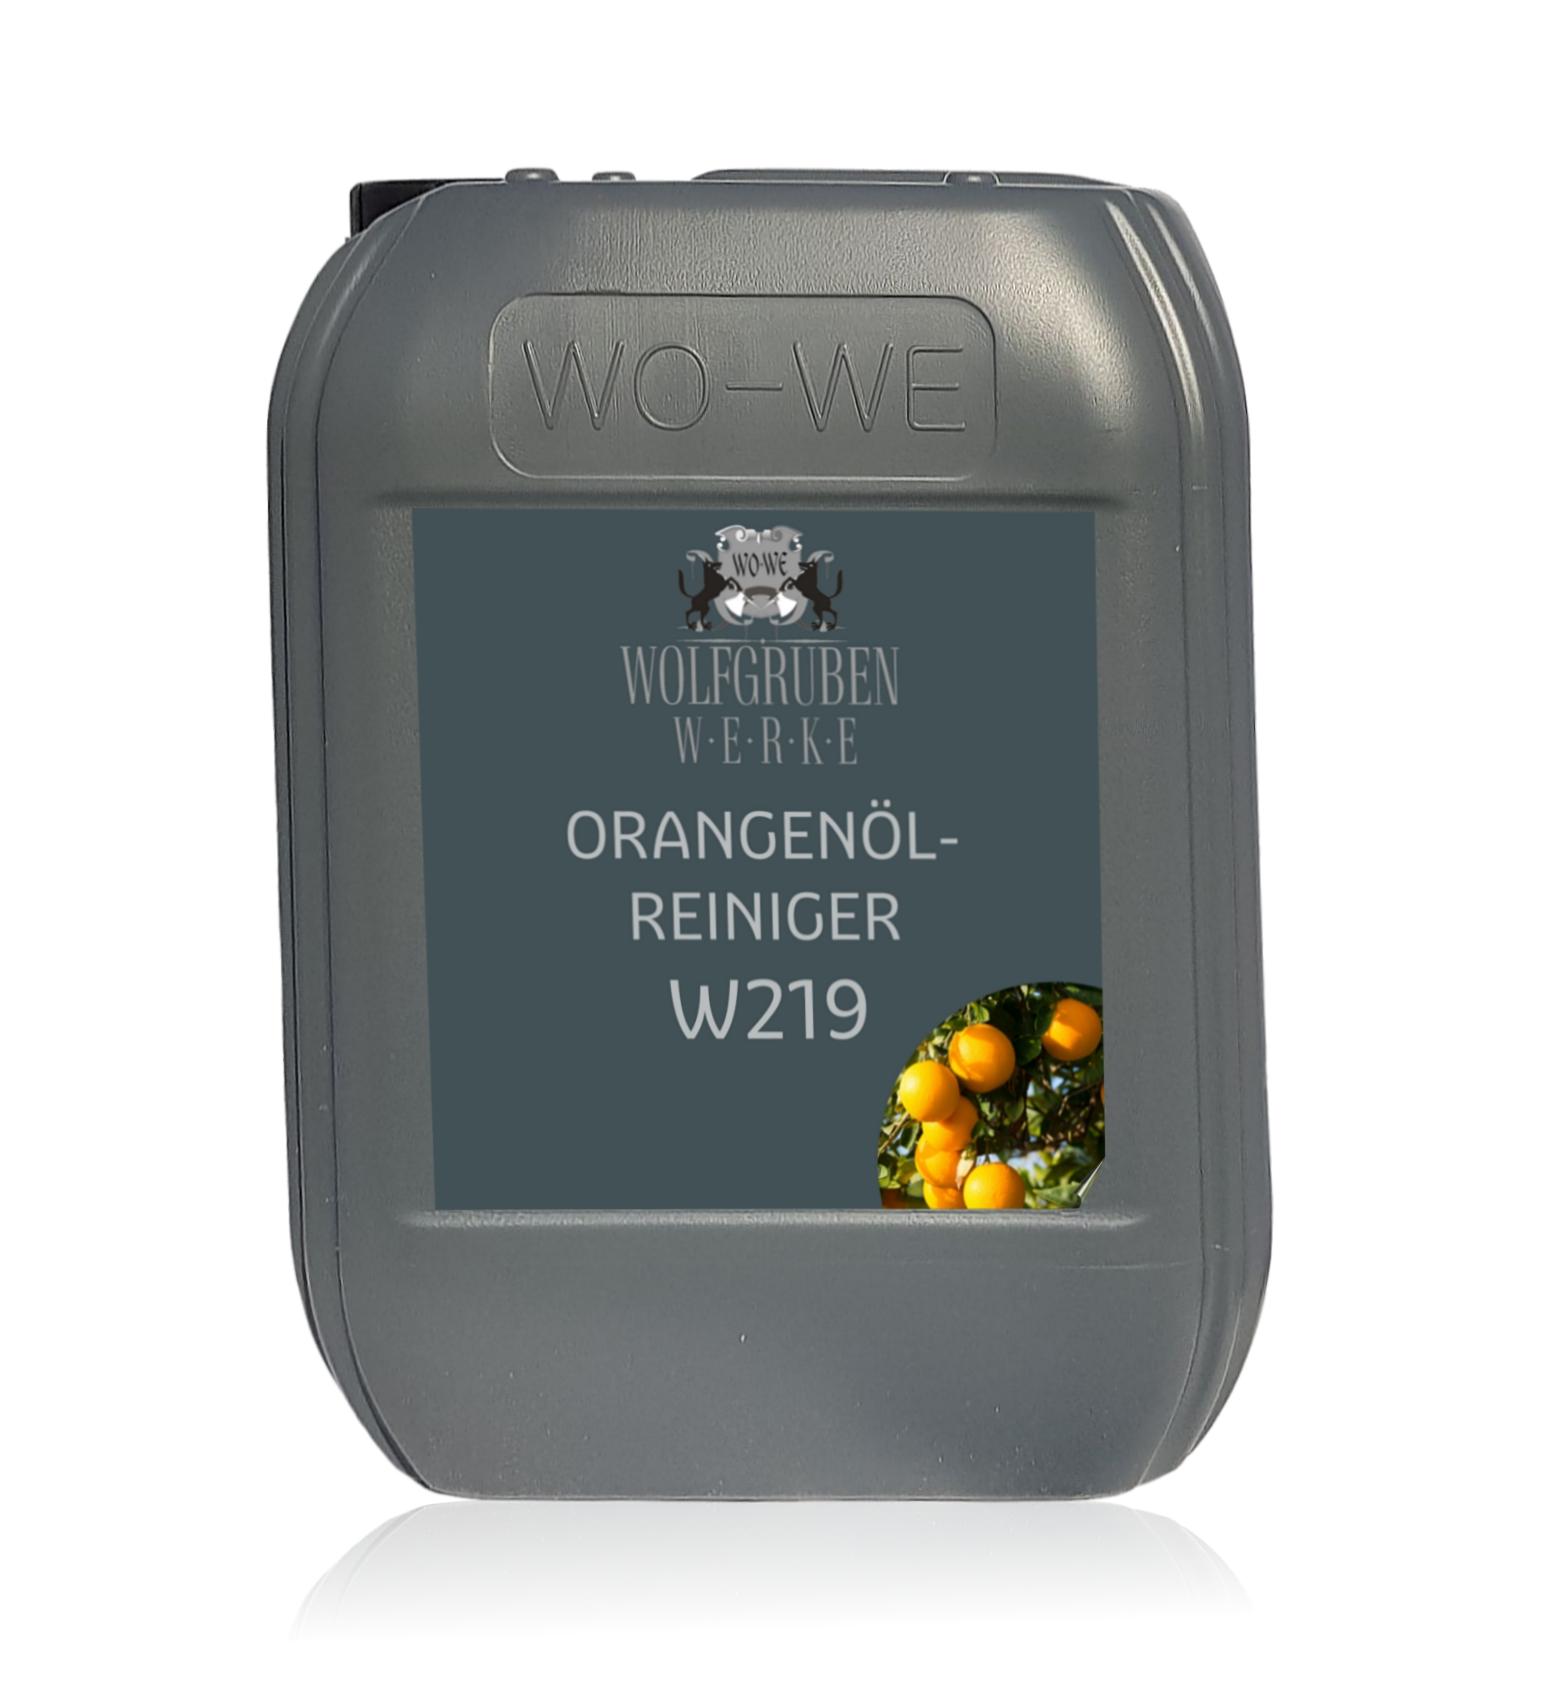 W219.jpg?dl=0